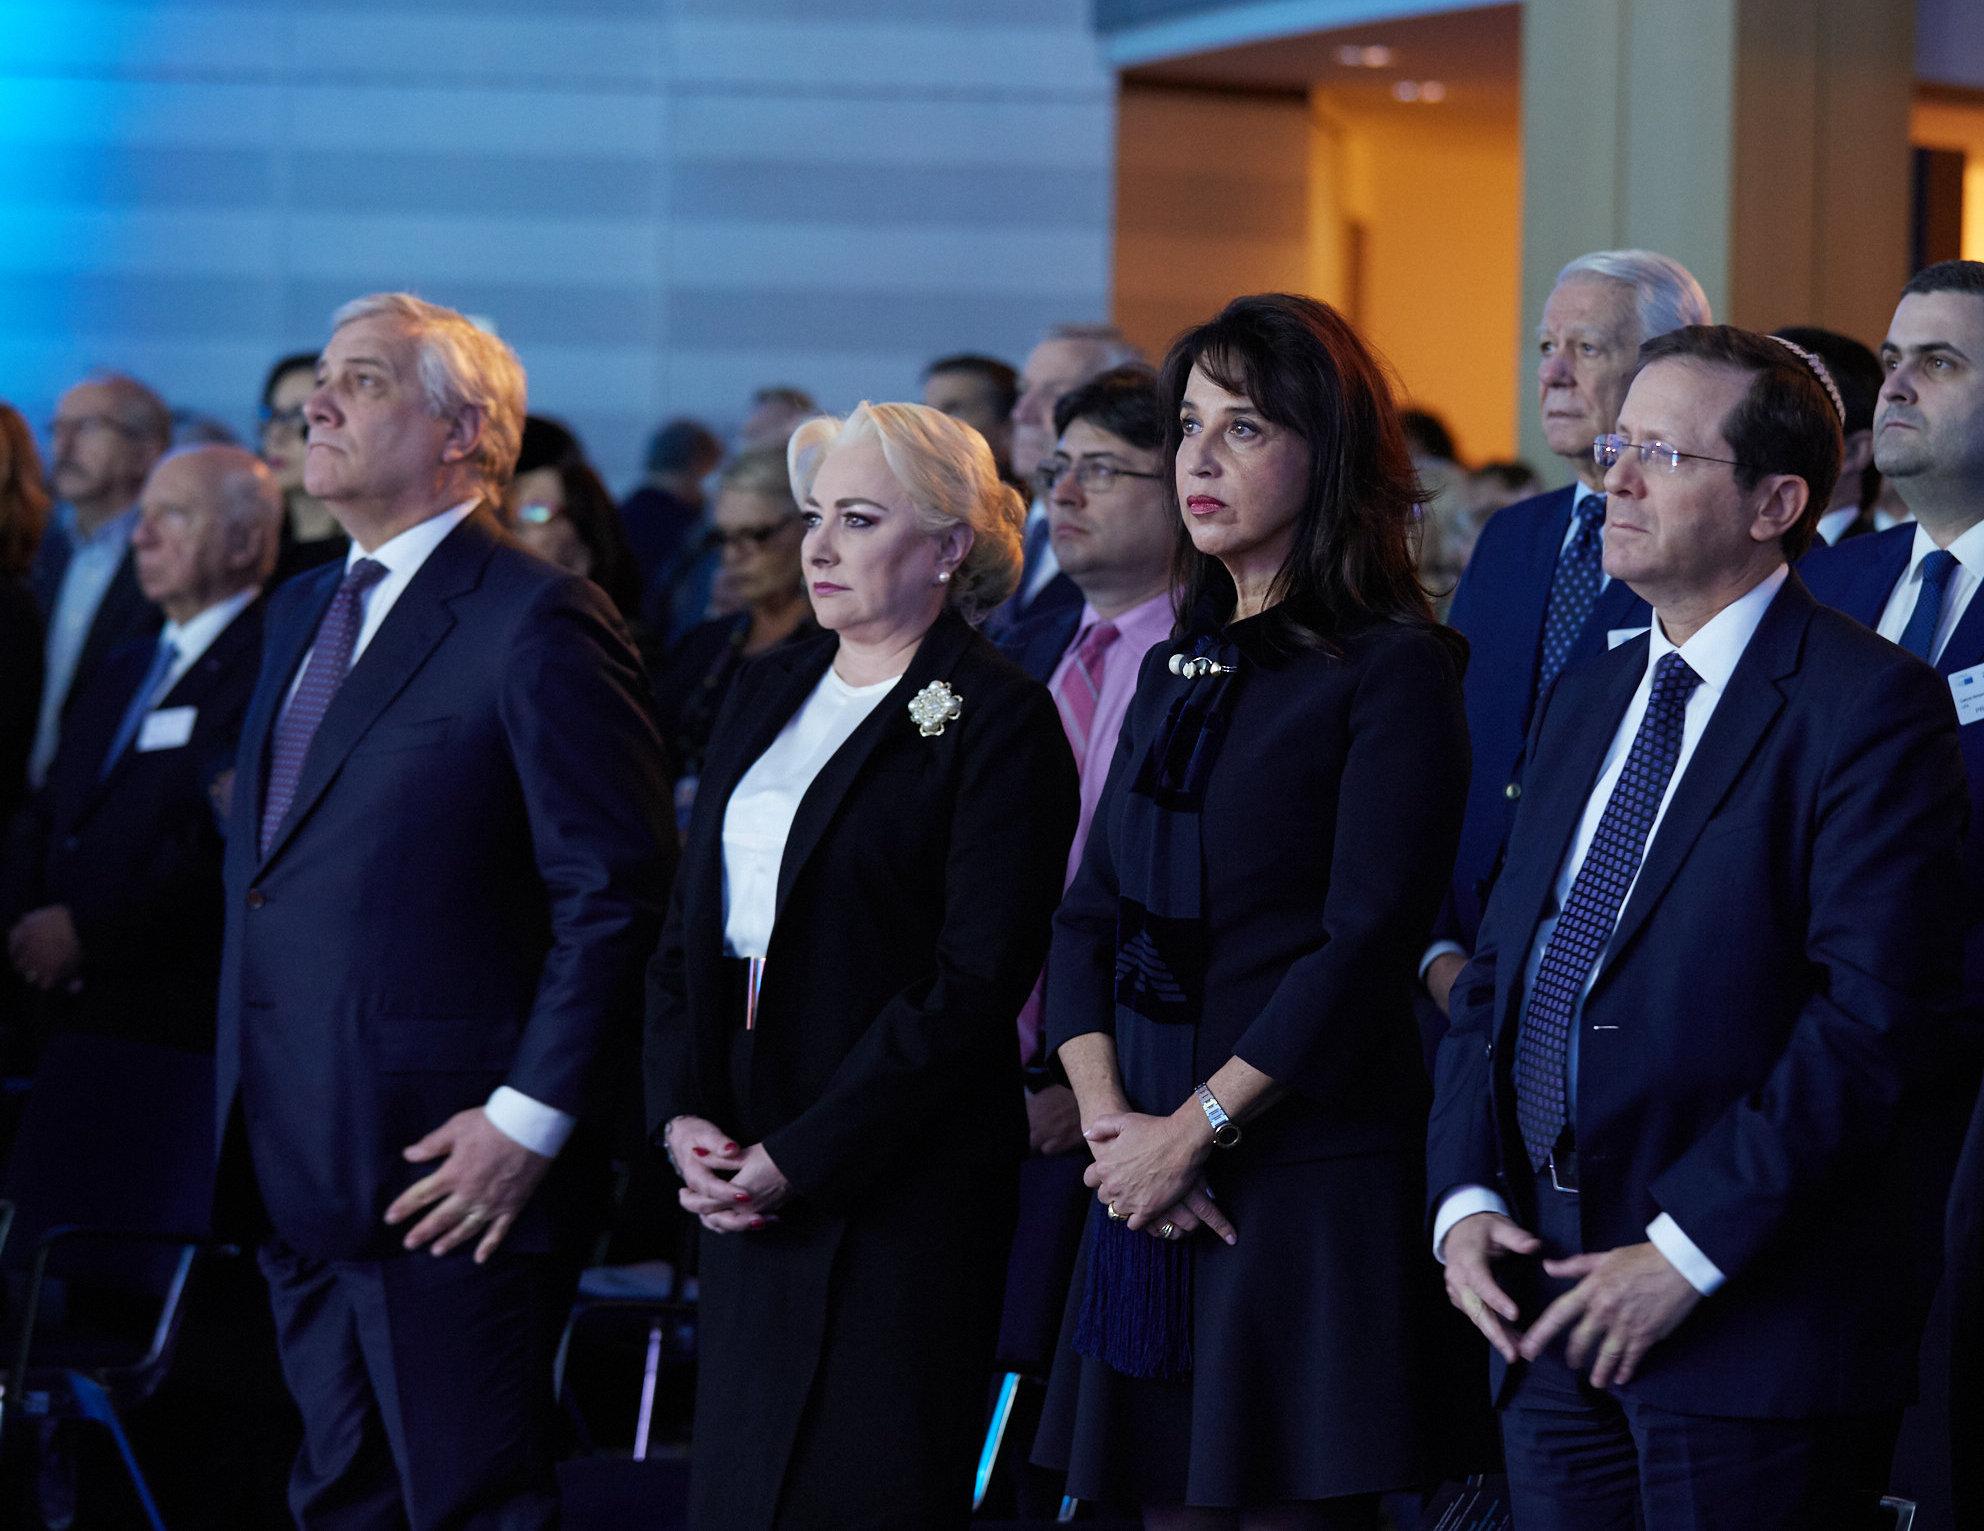 Les présidents des communautés juives d'Europe, des martyrs des camps d'extermination nazis et des élus européens se sont rassemblés au Parlement de l'UE pour rendre hommage aux victimes d'Holocauste le 23 janvier 2019.